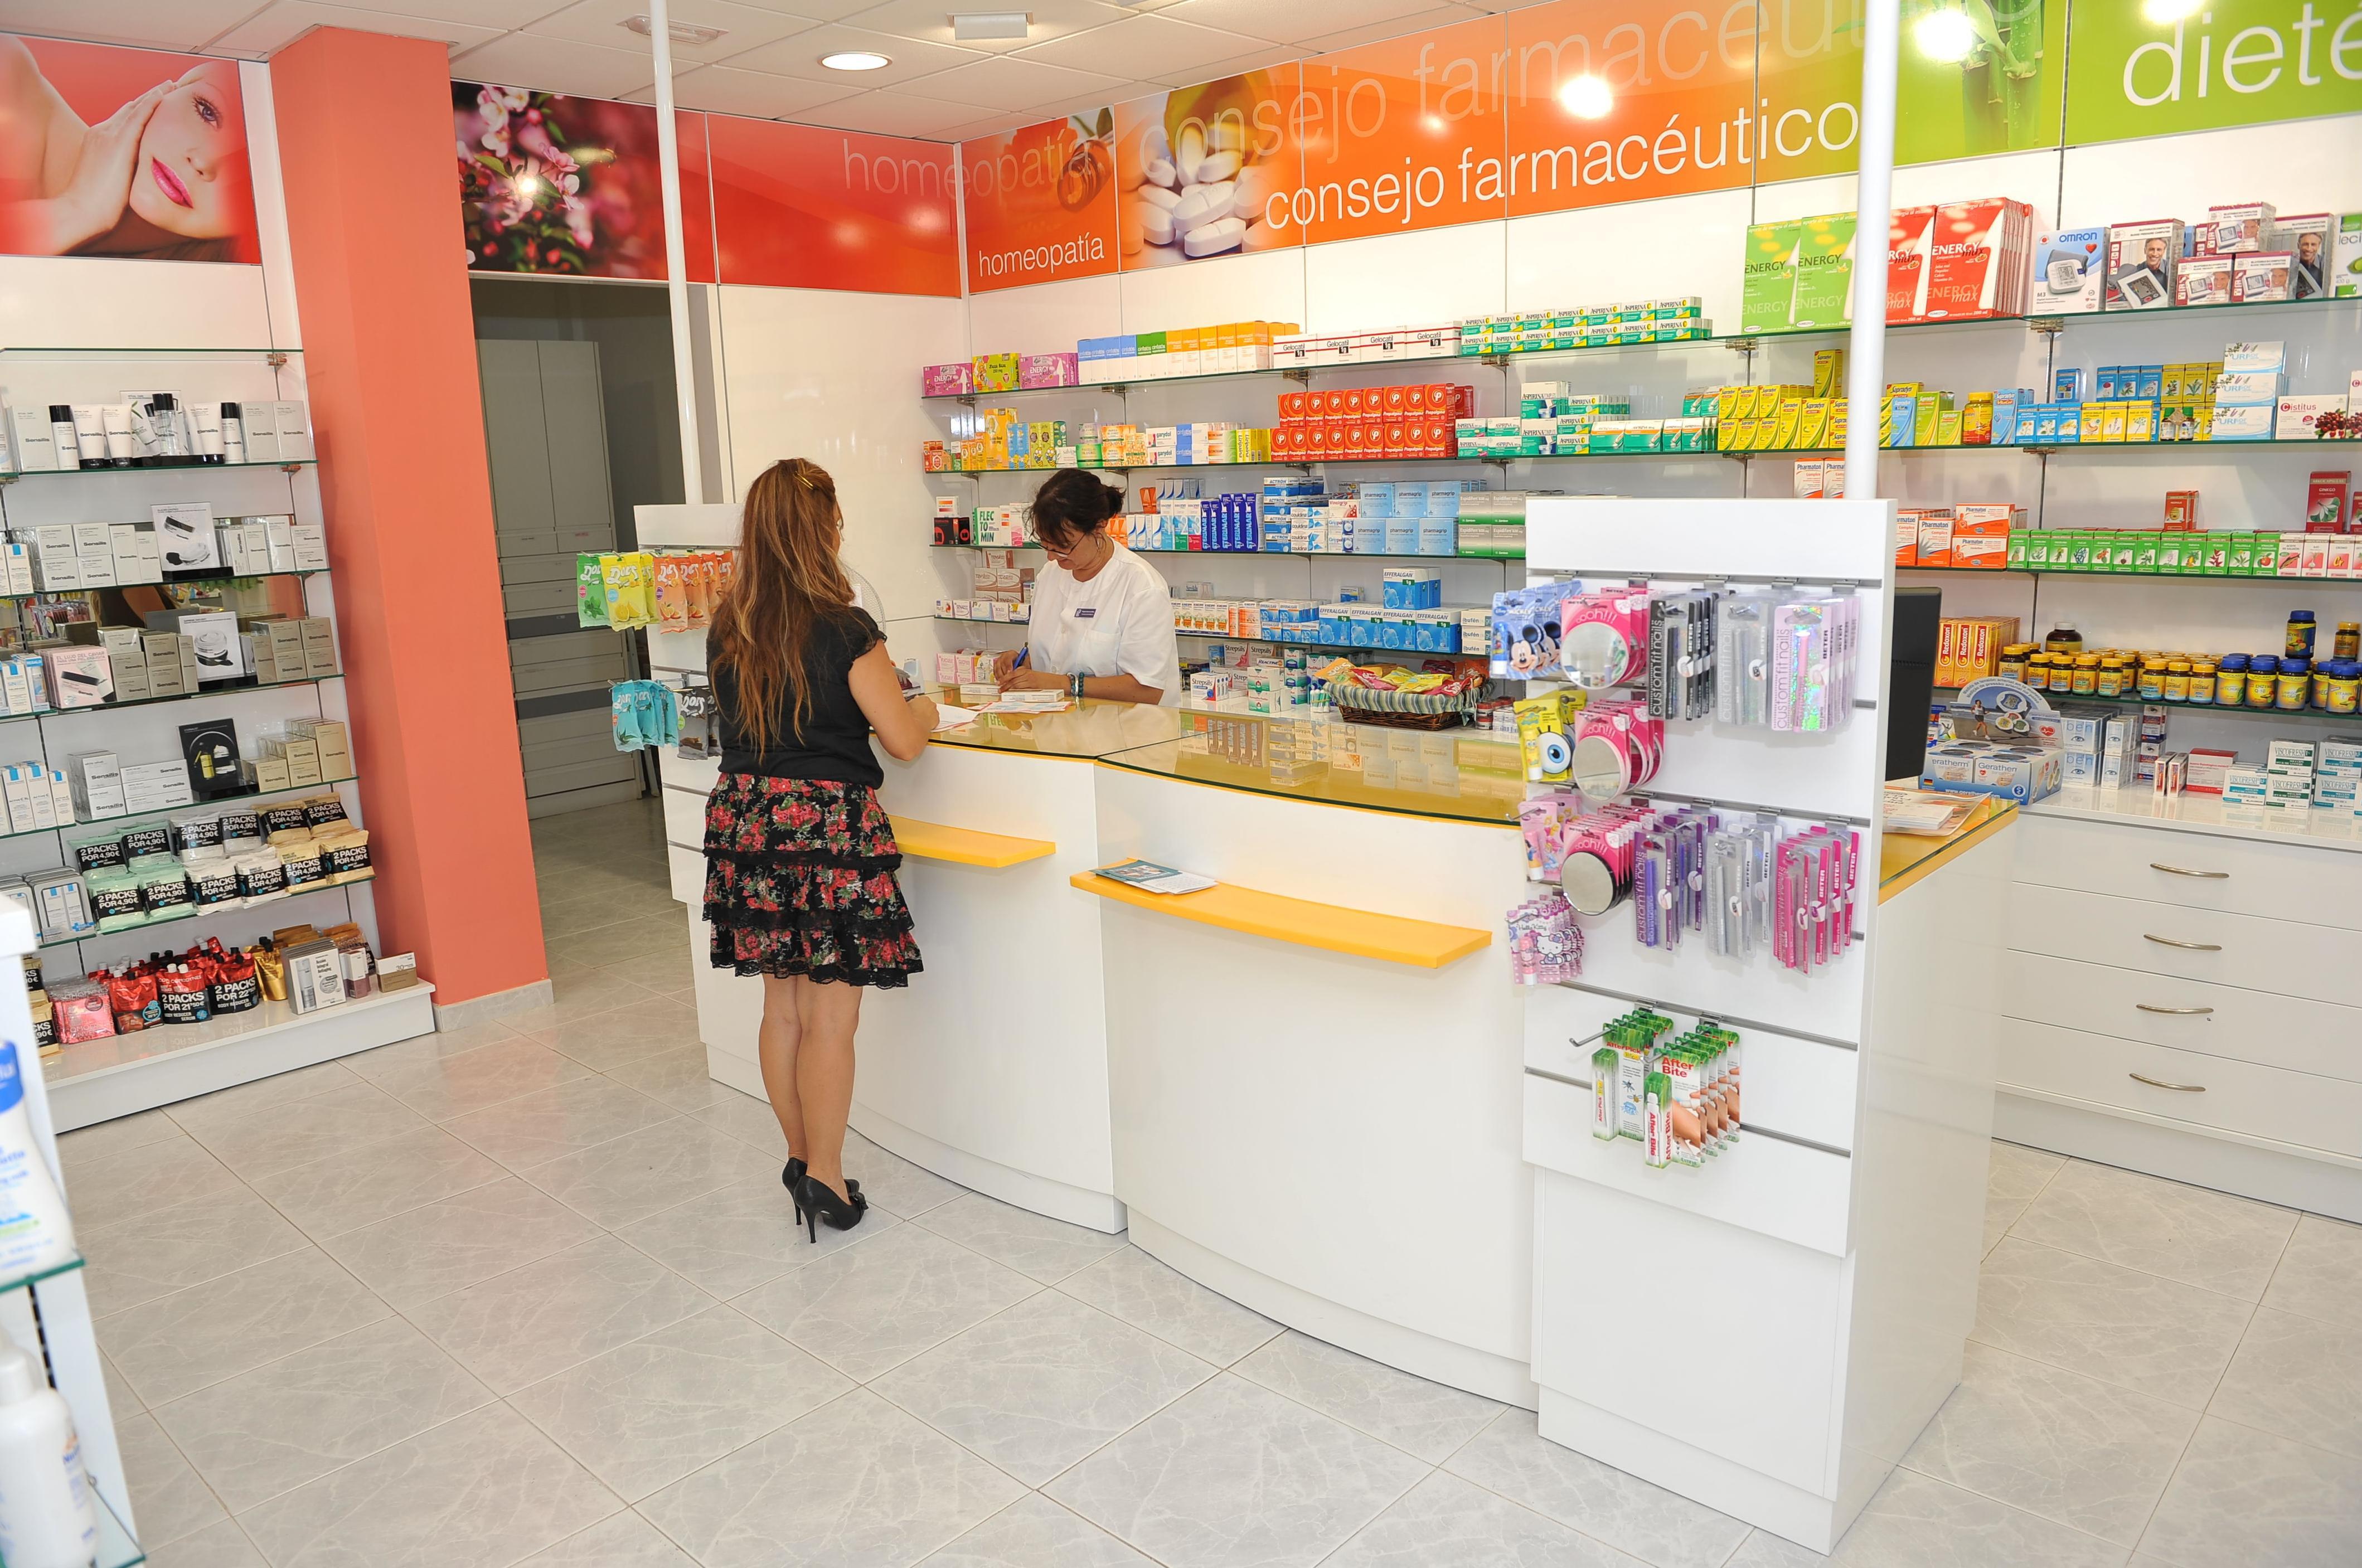 Canarias Decofarma. Reformas en farmacias en Tenerife